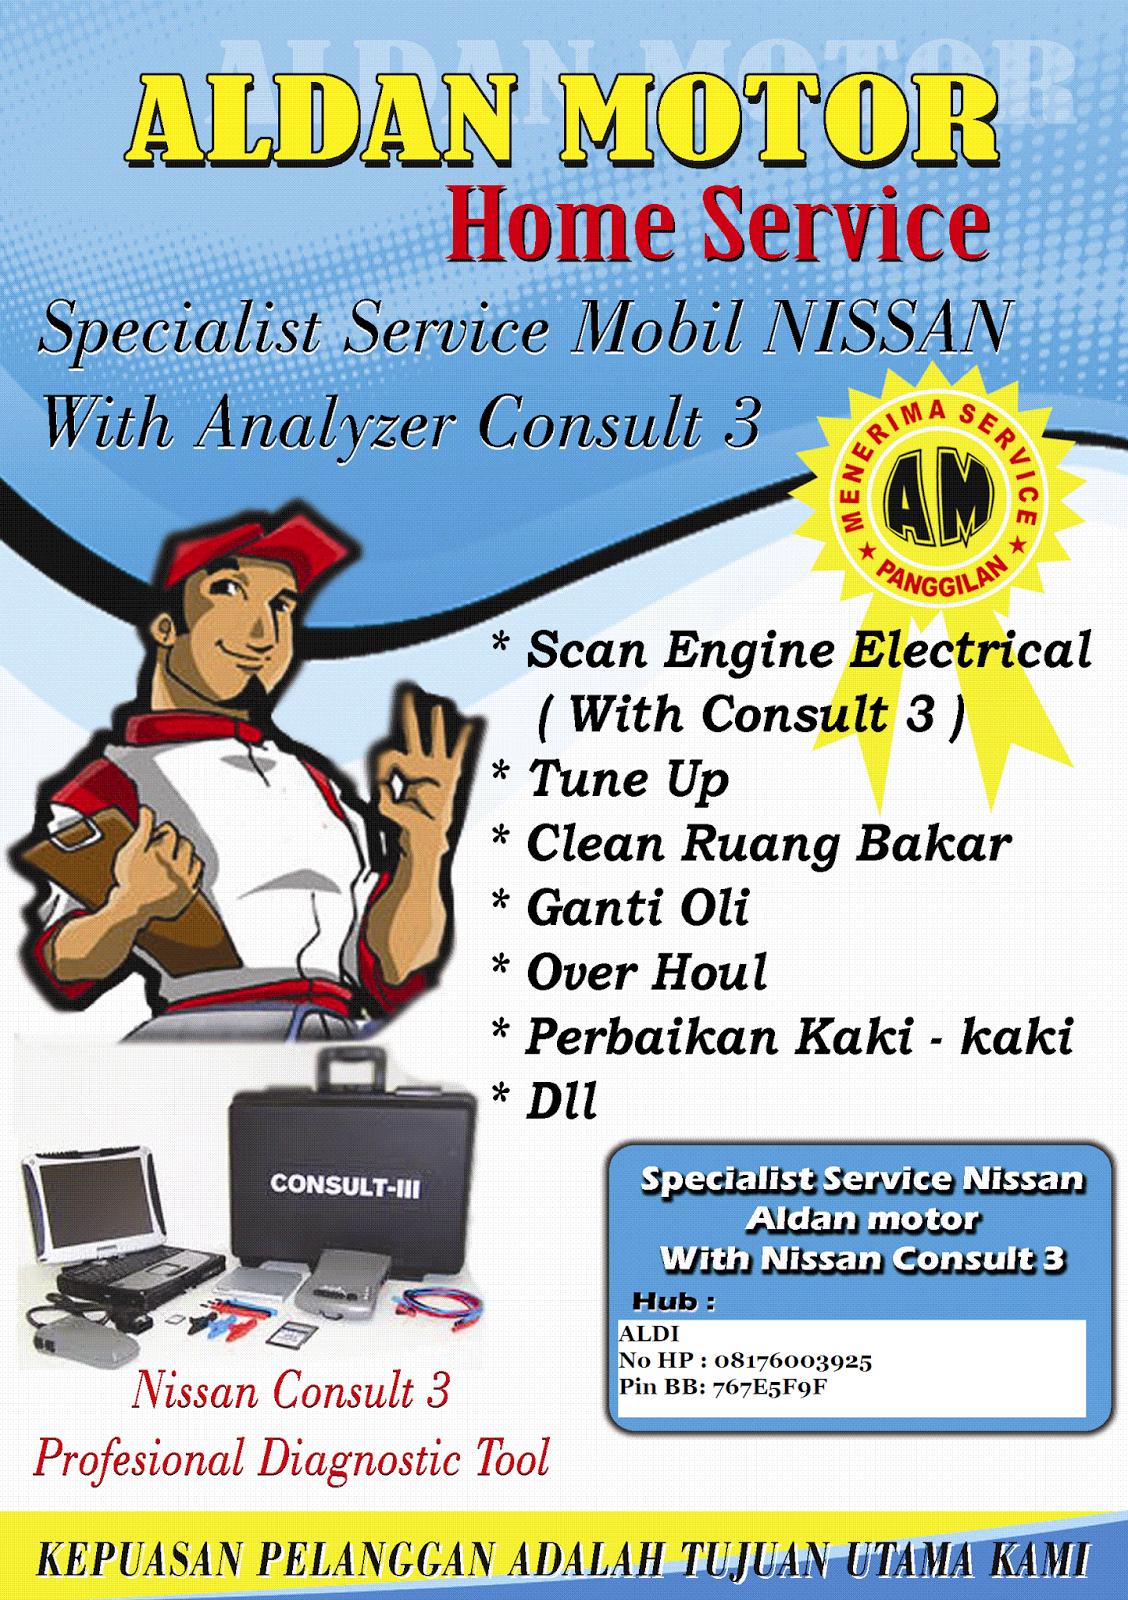 Bengkel Nissan Jakarta Specialist Mobil Nissan Perawatan Dan